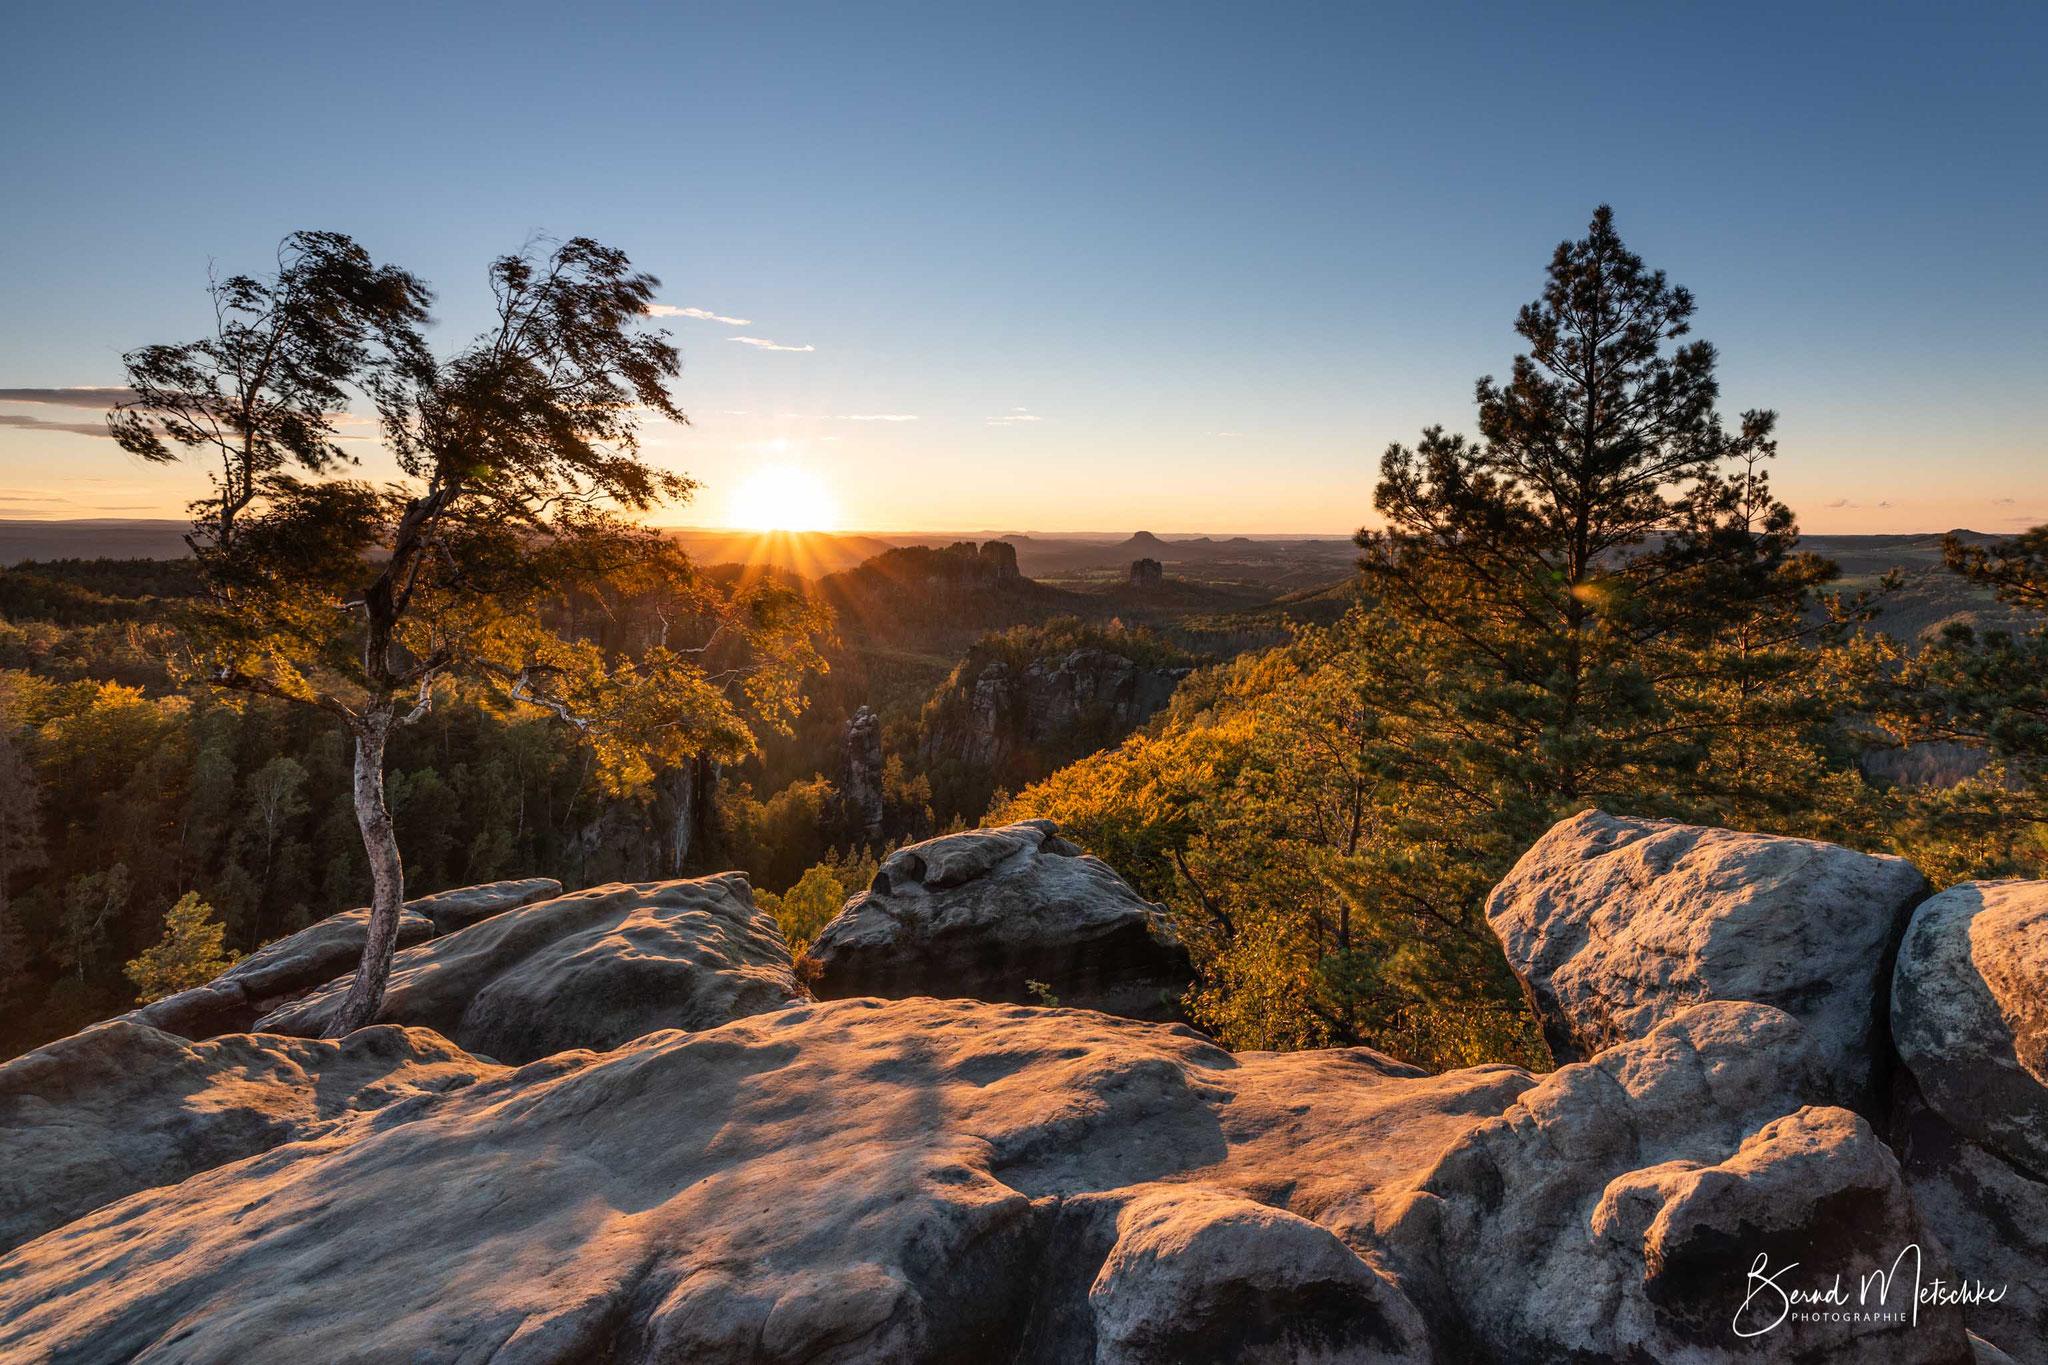 Die Aussicht vom Carolafelsen gehört zu den schönsten Plätzen in der Sächsischen Schweiz. > Hoher Torstein - Falkenstein - Lilienstein <